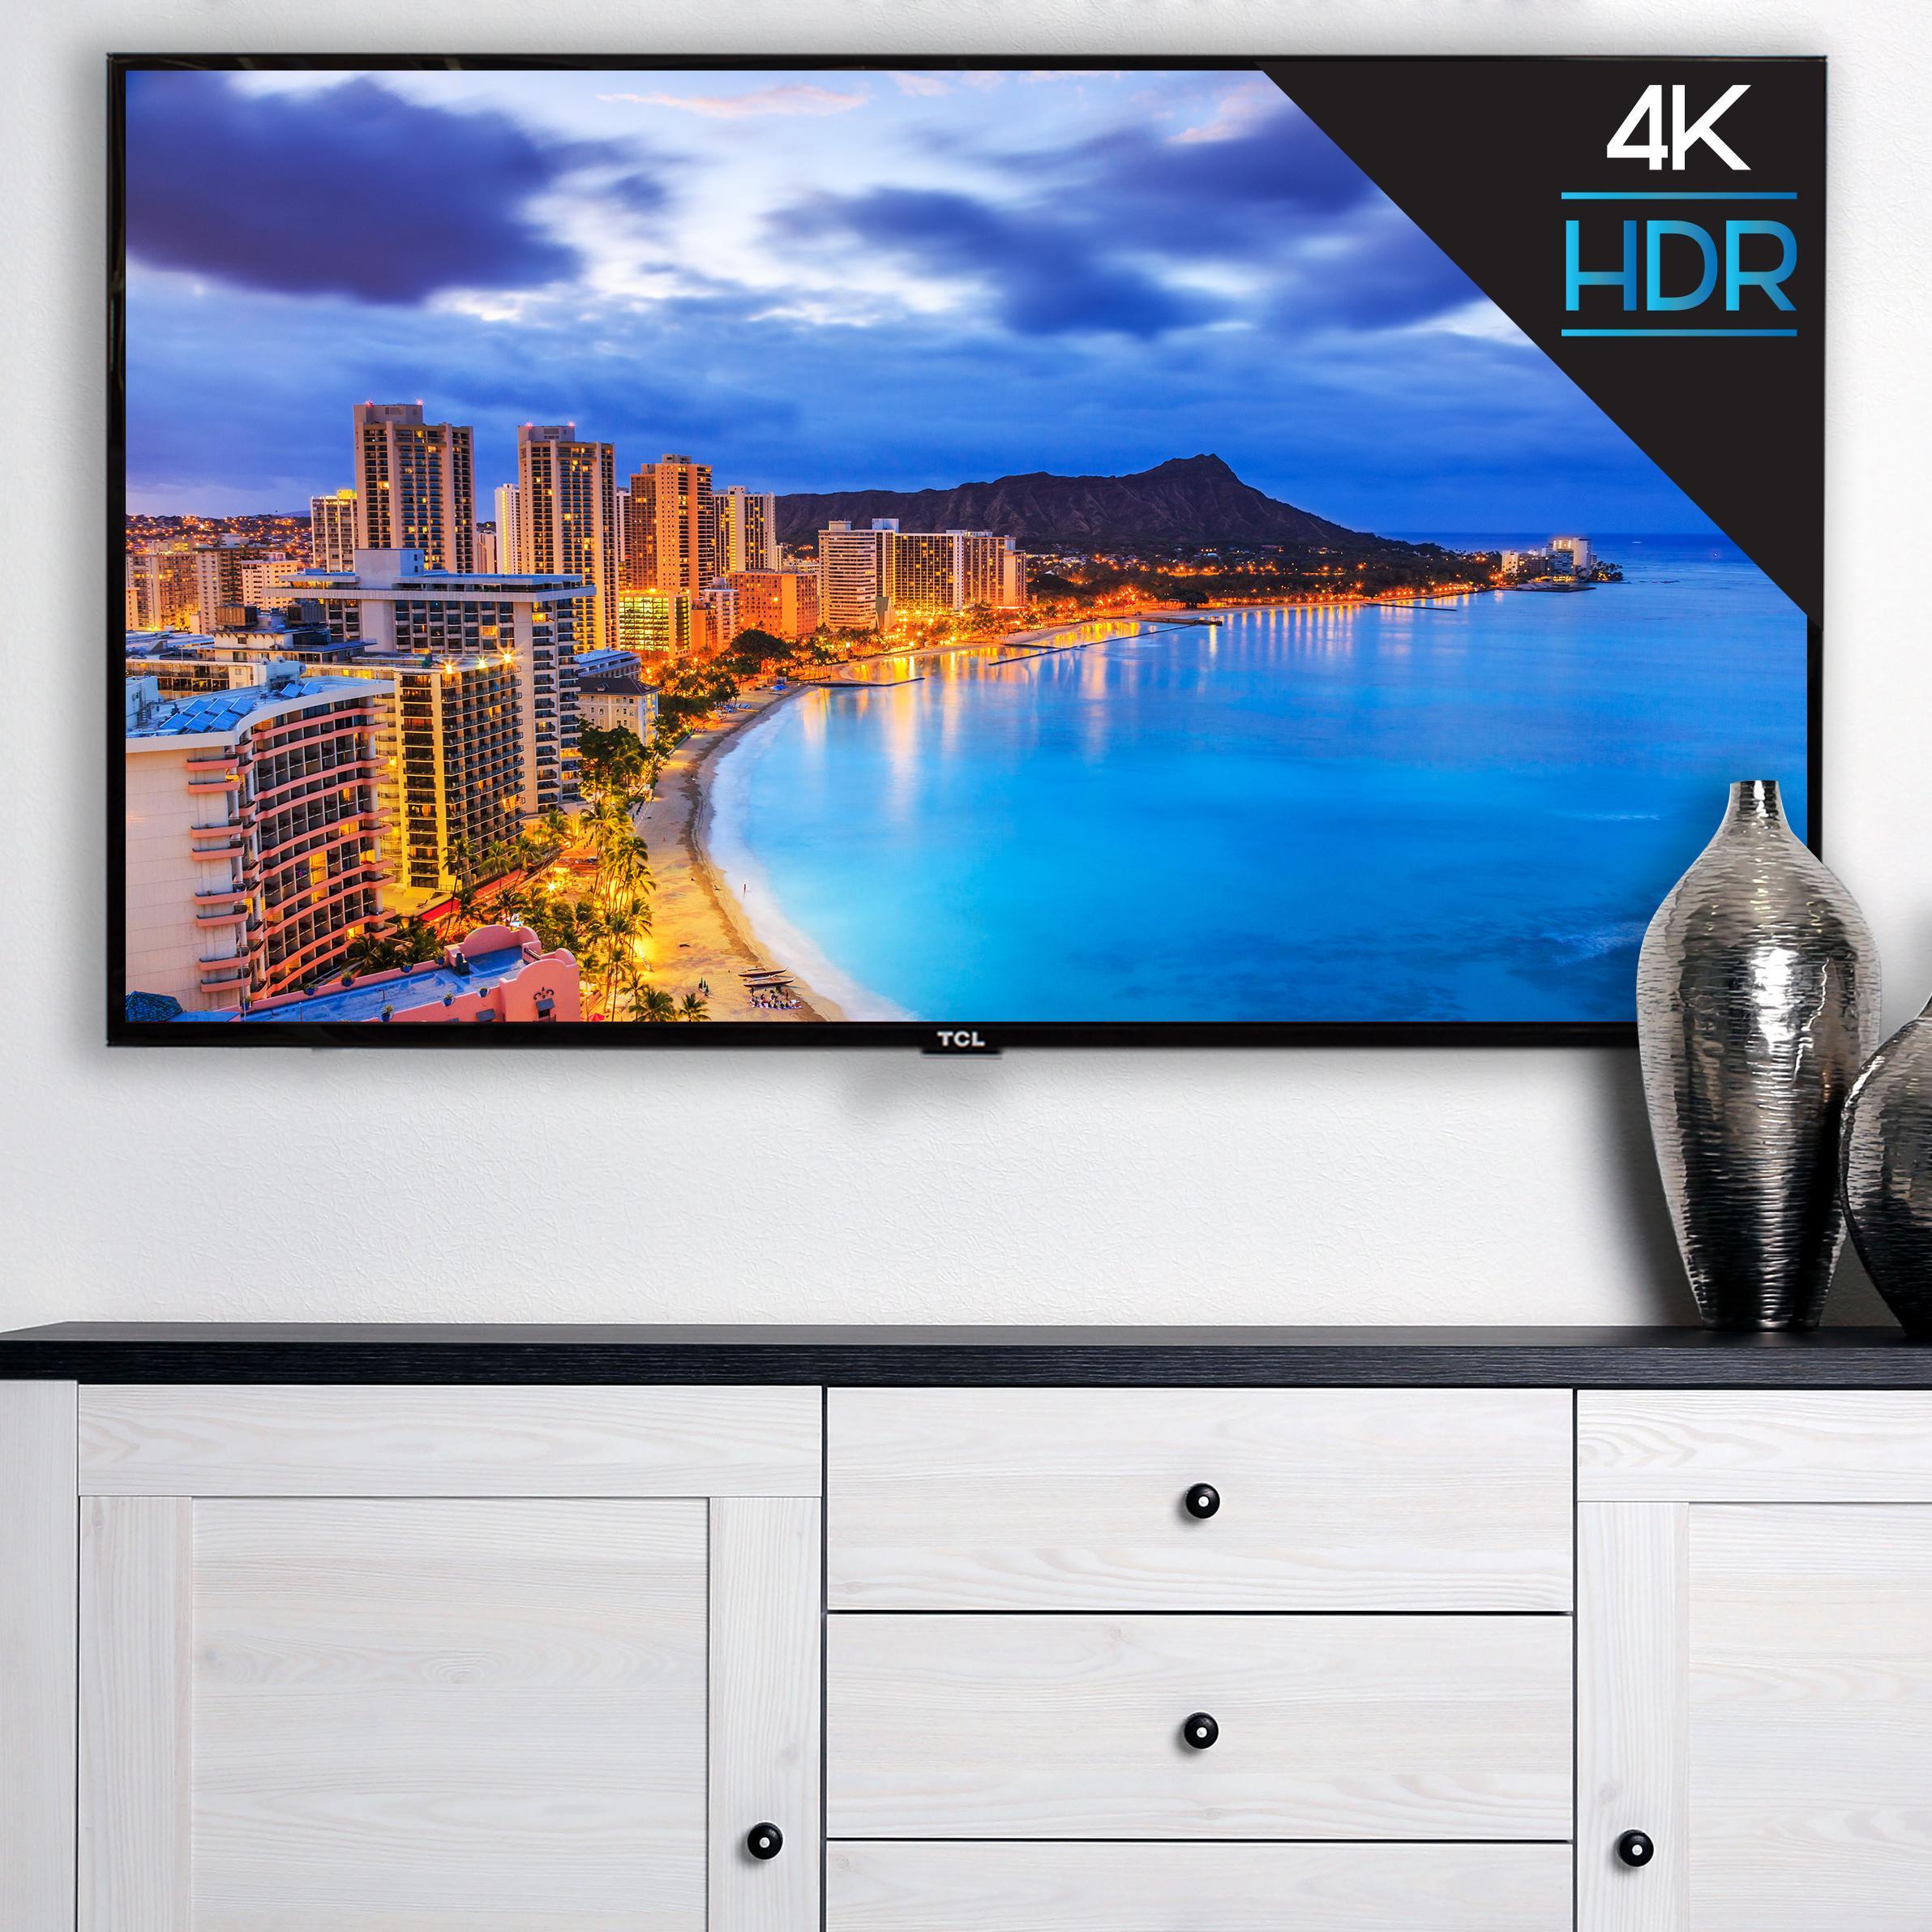 smart tv tcl 65s405 65 inch 4k ultra hd roku smart led tv 2017 model ebay. Black Bedroom Furniture Sets. Home Design Ideas